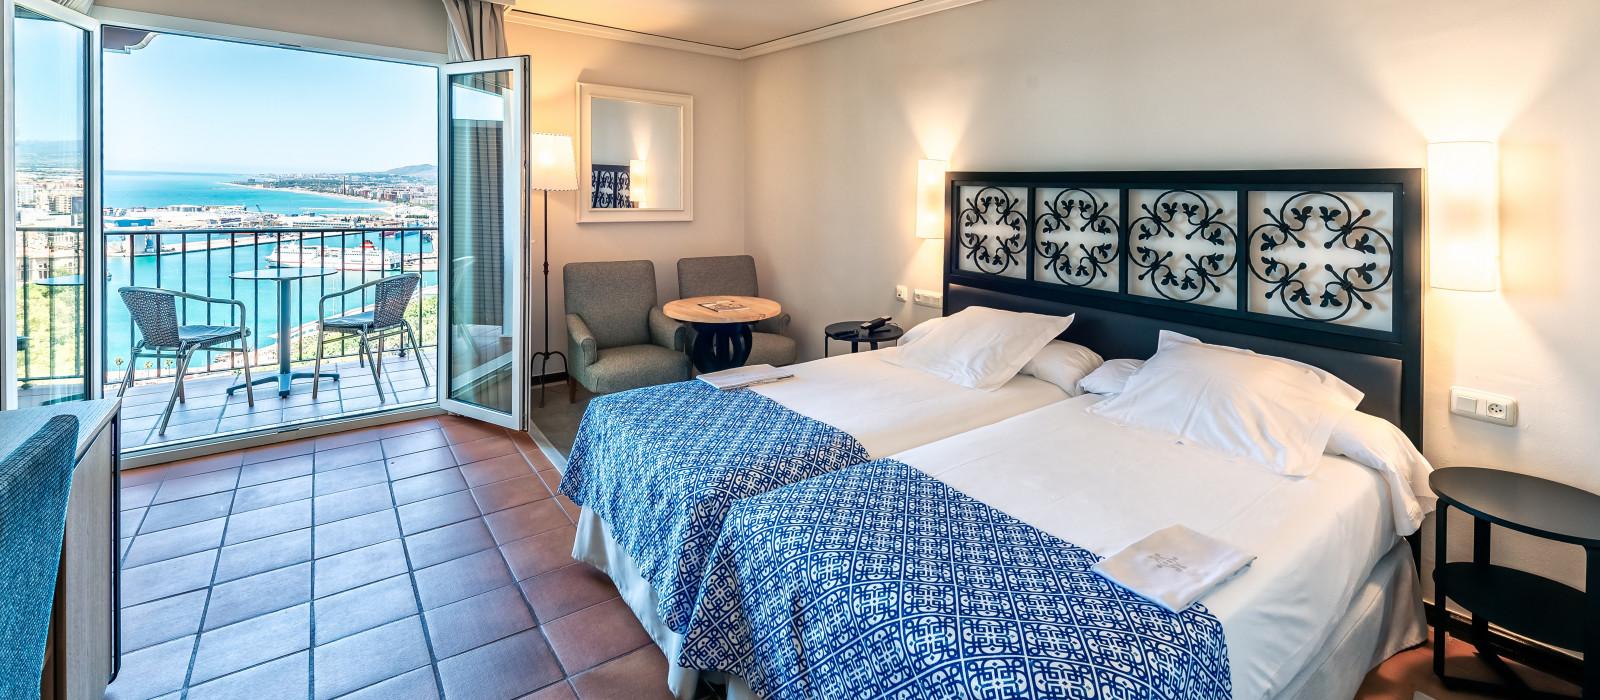 Hotel Parador Gibralfaro Spain